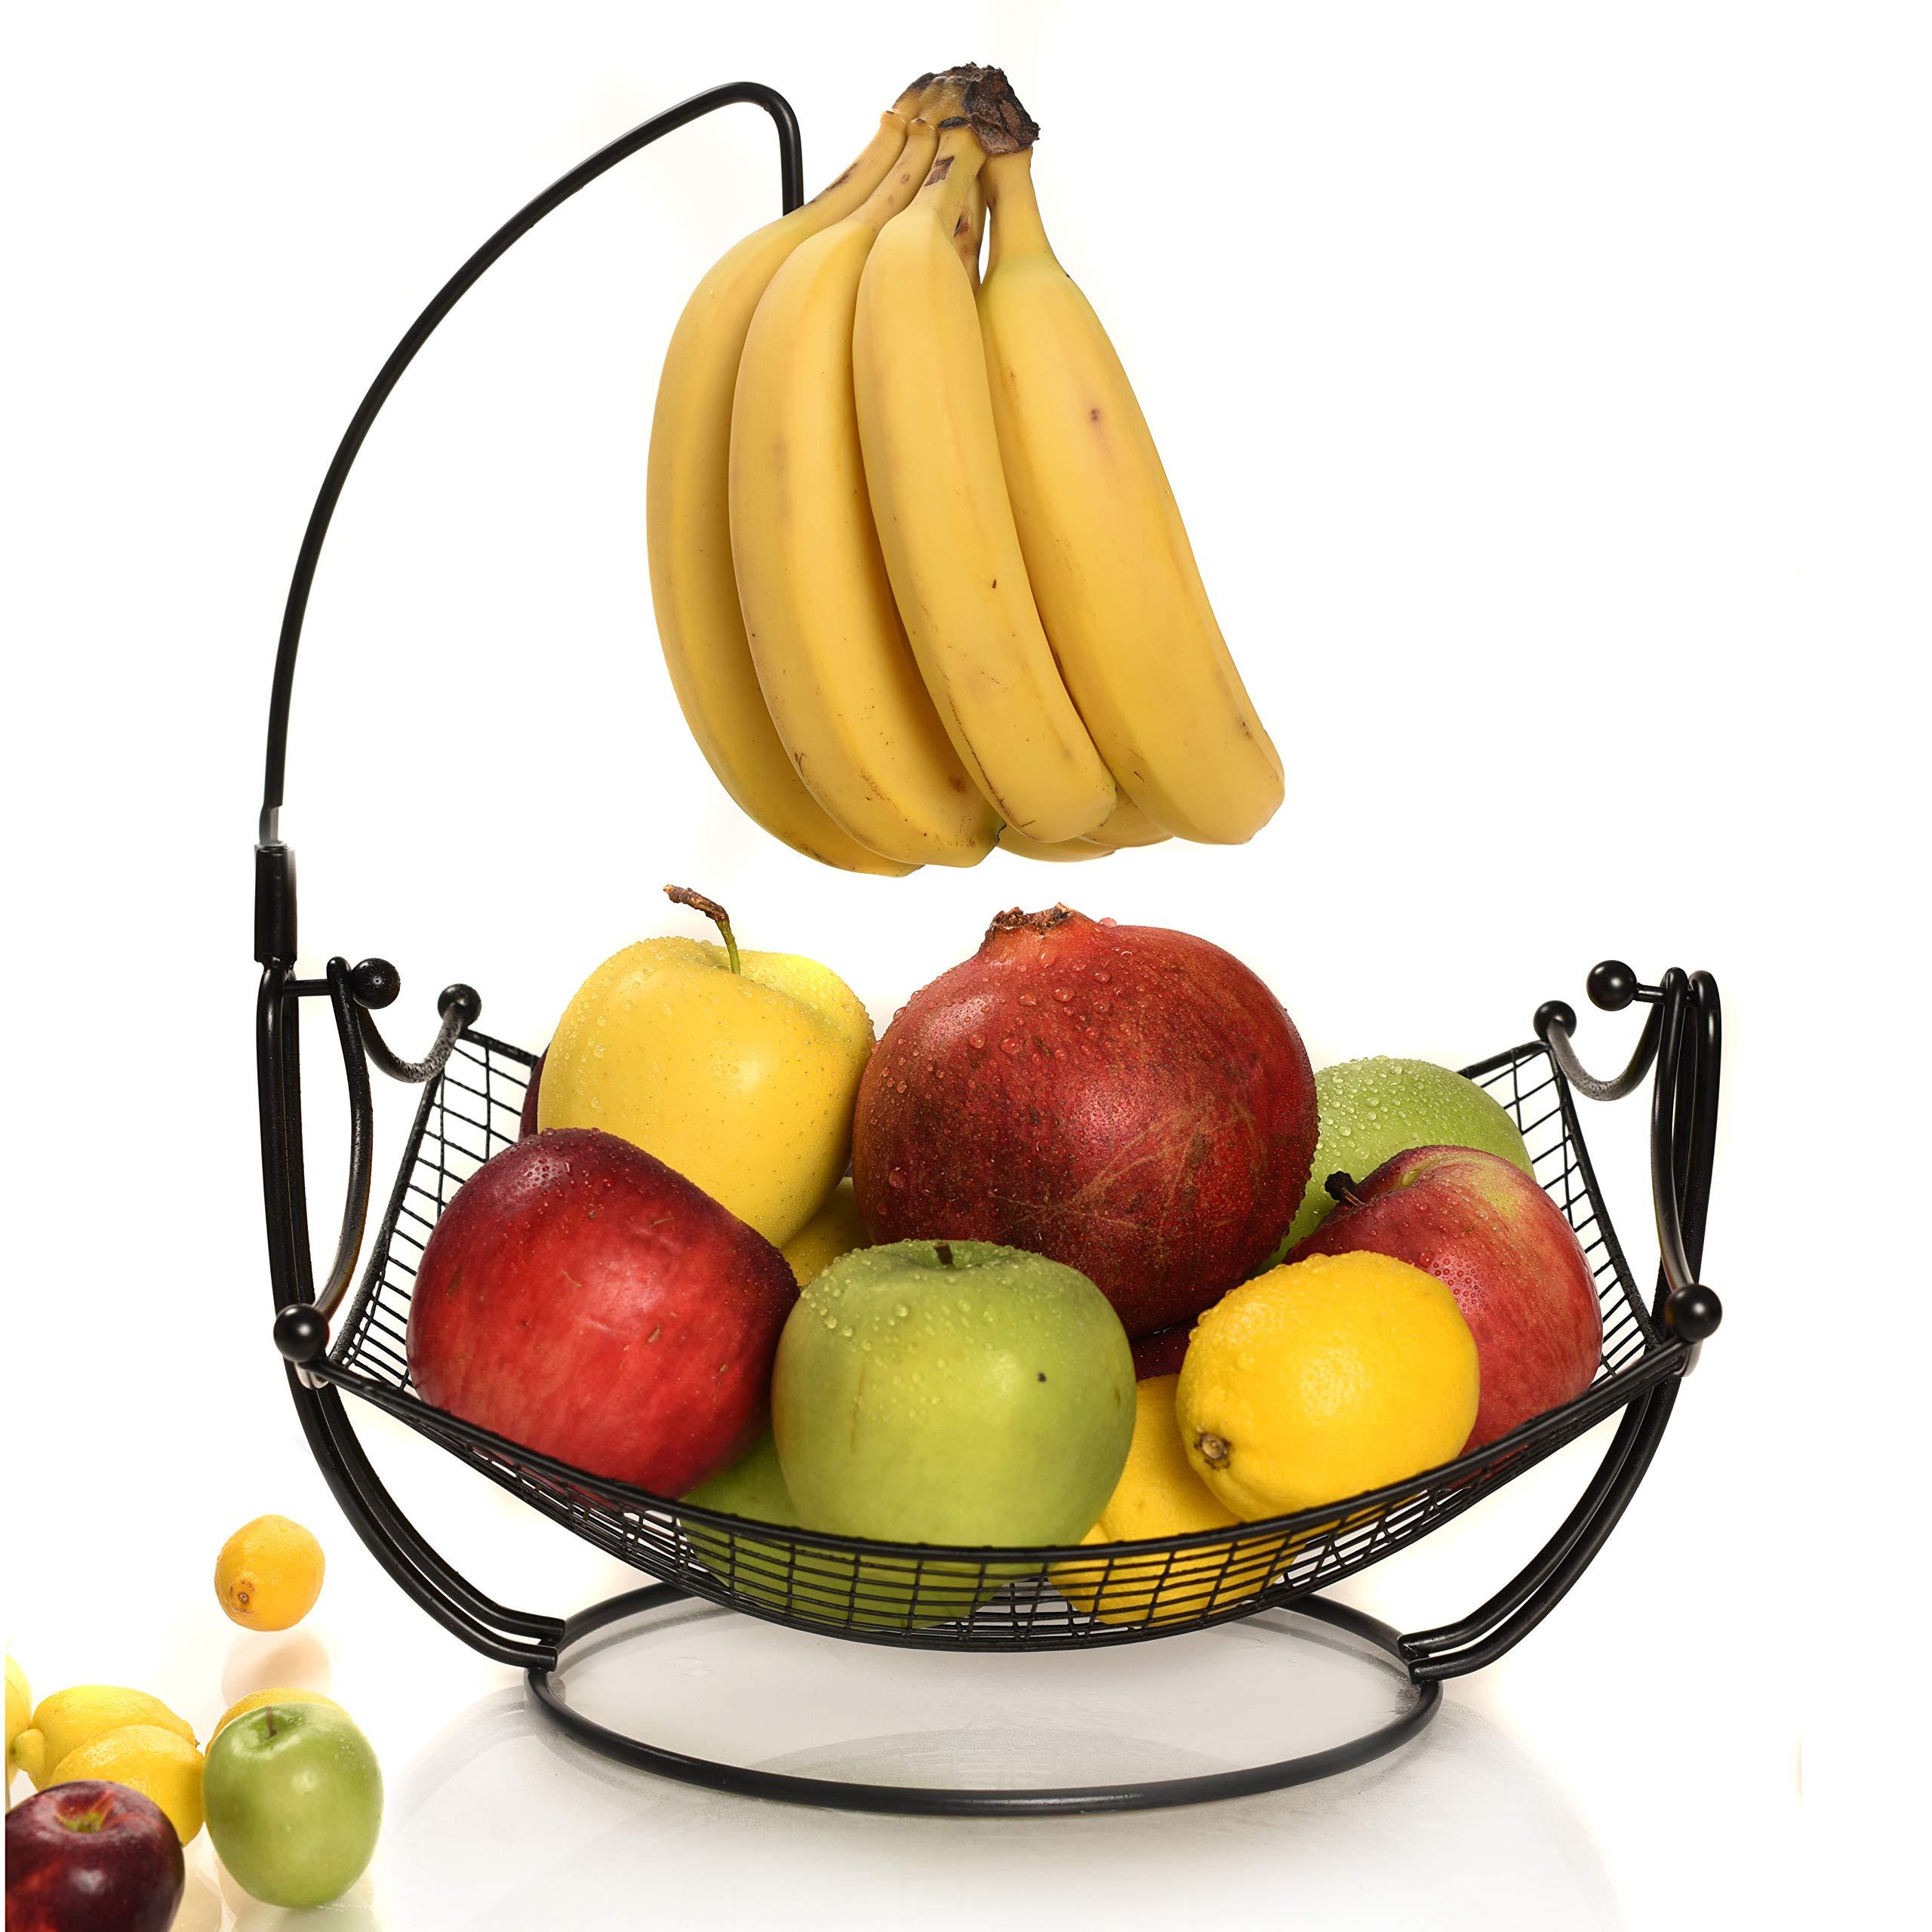 Fruit Basket + Detachable Banana holder, Elegant Fruit Bowl with Banana Tree Hanger, Black or Chrome for the classic look (black)